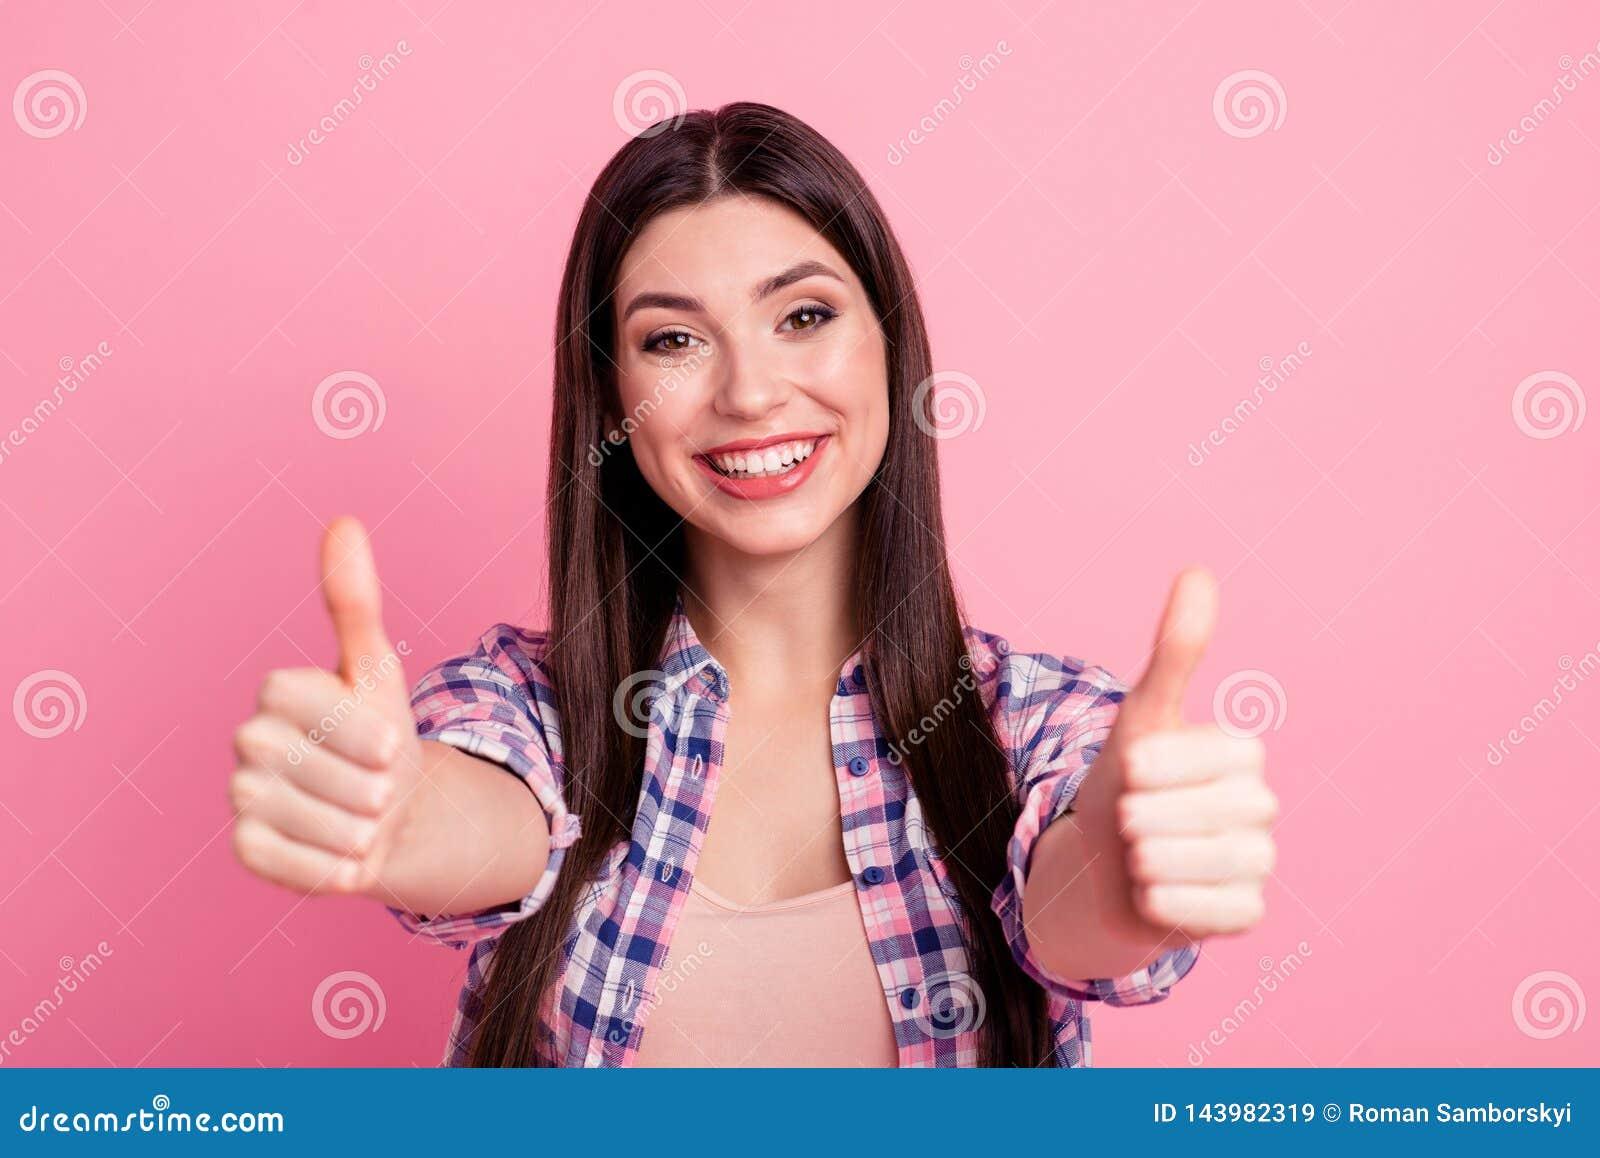 Конец вверх по ее фото изумительное красивое она большой палец руки оружий рук дамы поднятый вверх по новизне испытала качественн